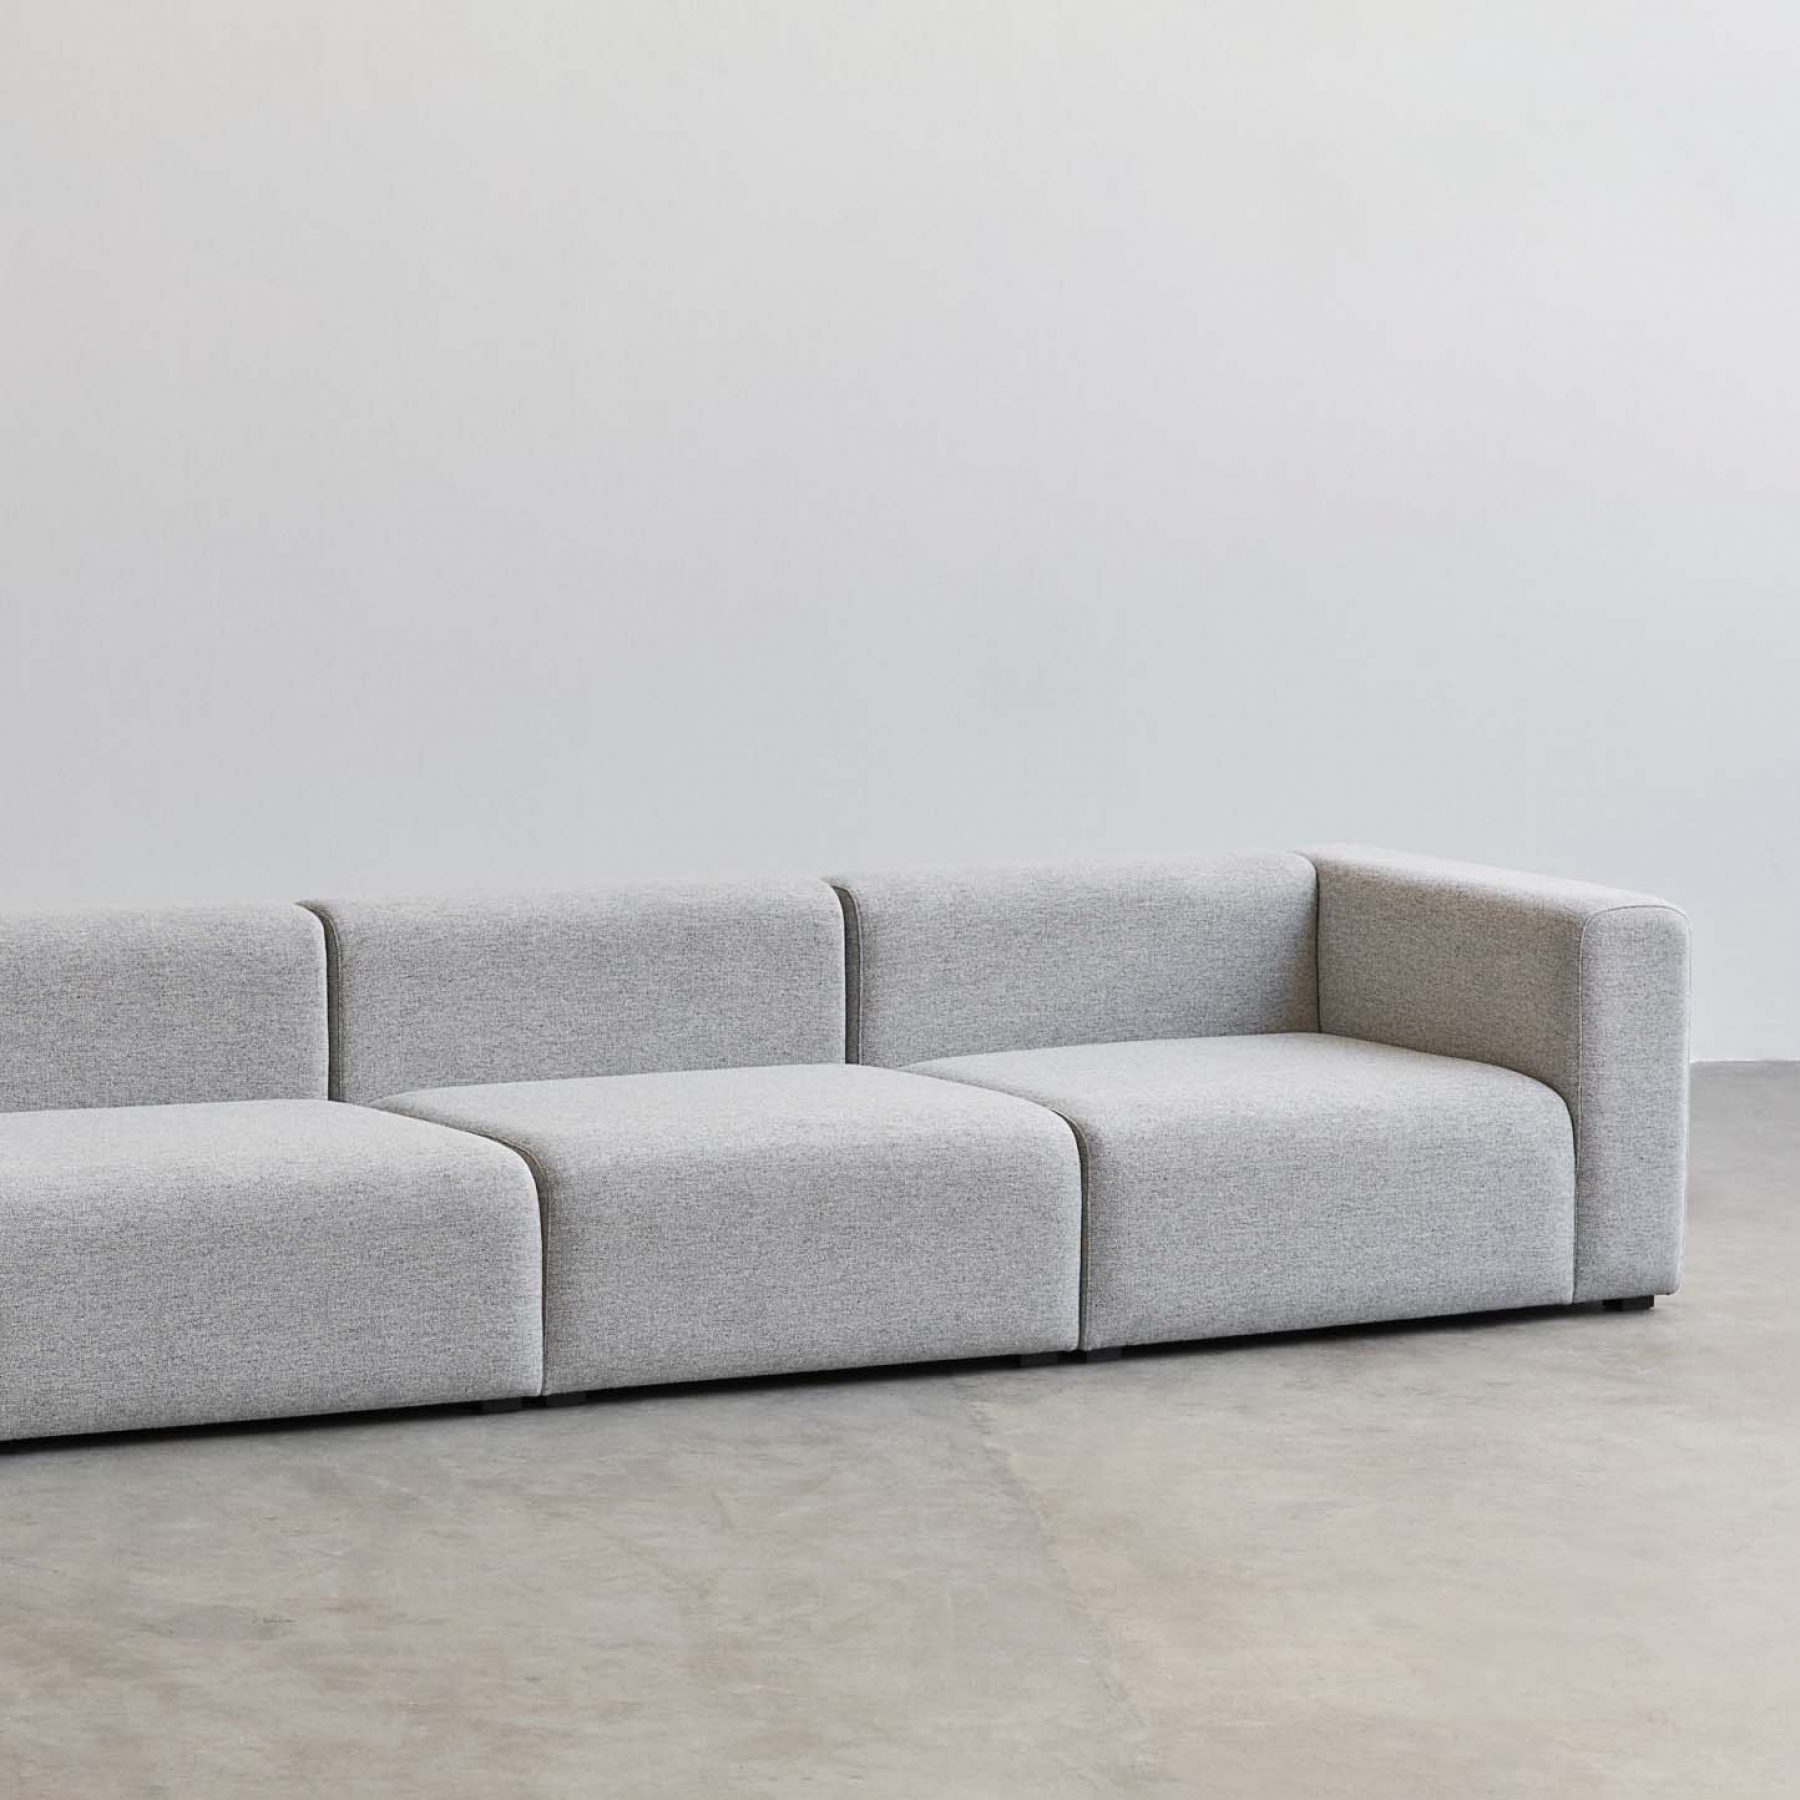 HAY Mags Sofa